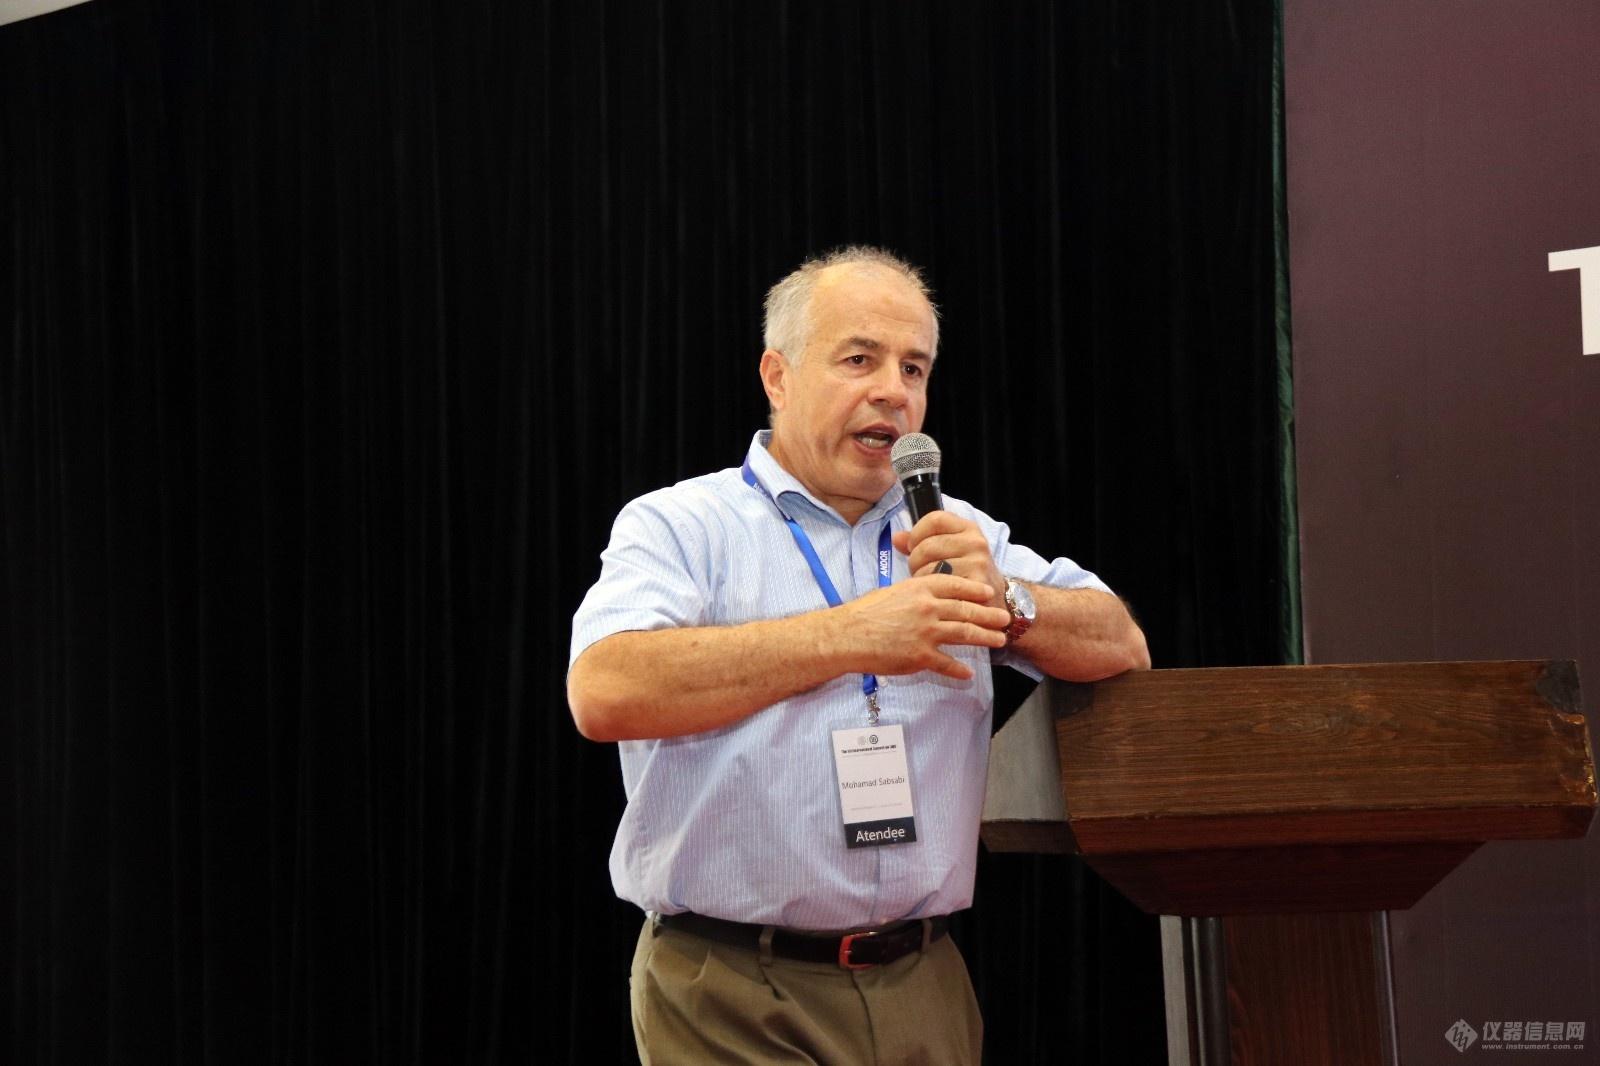 加拿大国家研究委员会 Mohamad Sabsabi博士.jpg